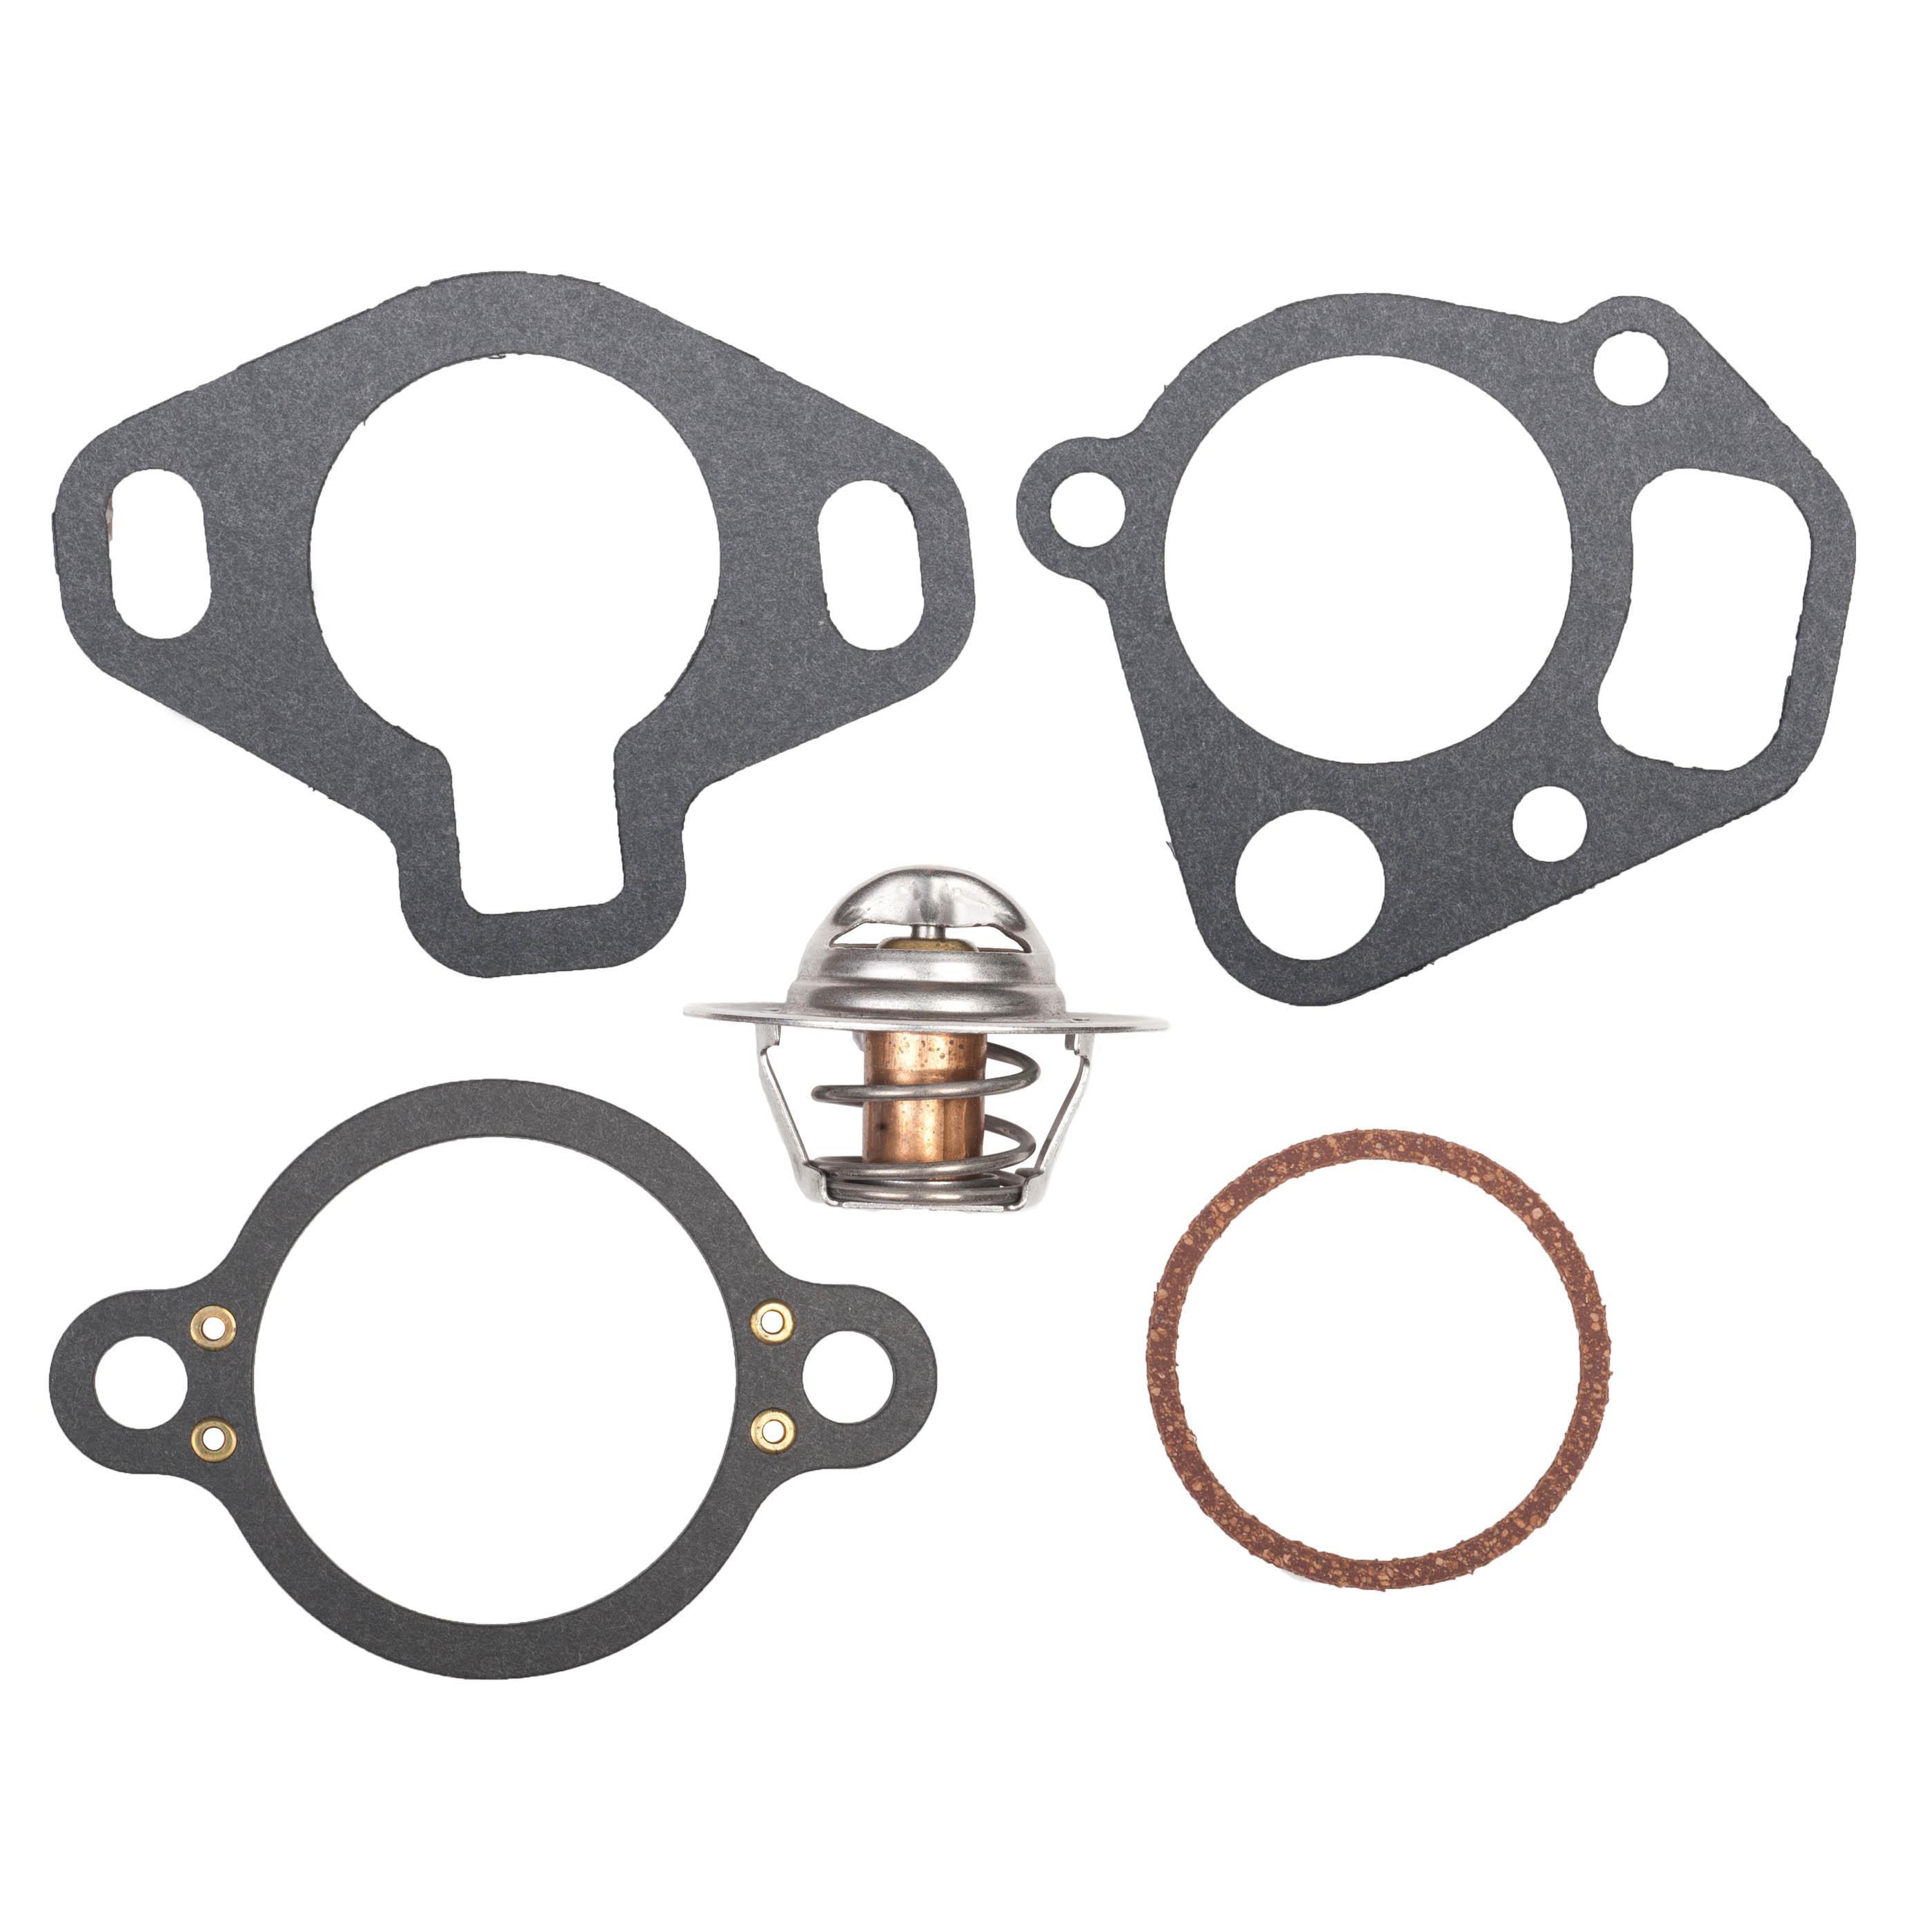 Sierra International 18-3650 Marine Thermostat Kit for Mercruiser Stern Drive